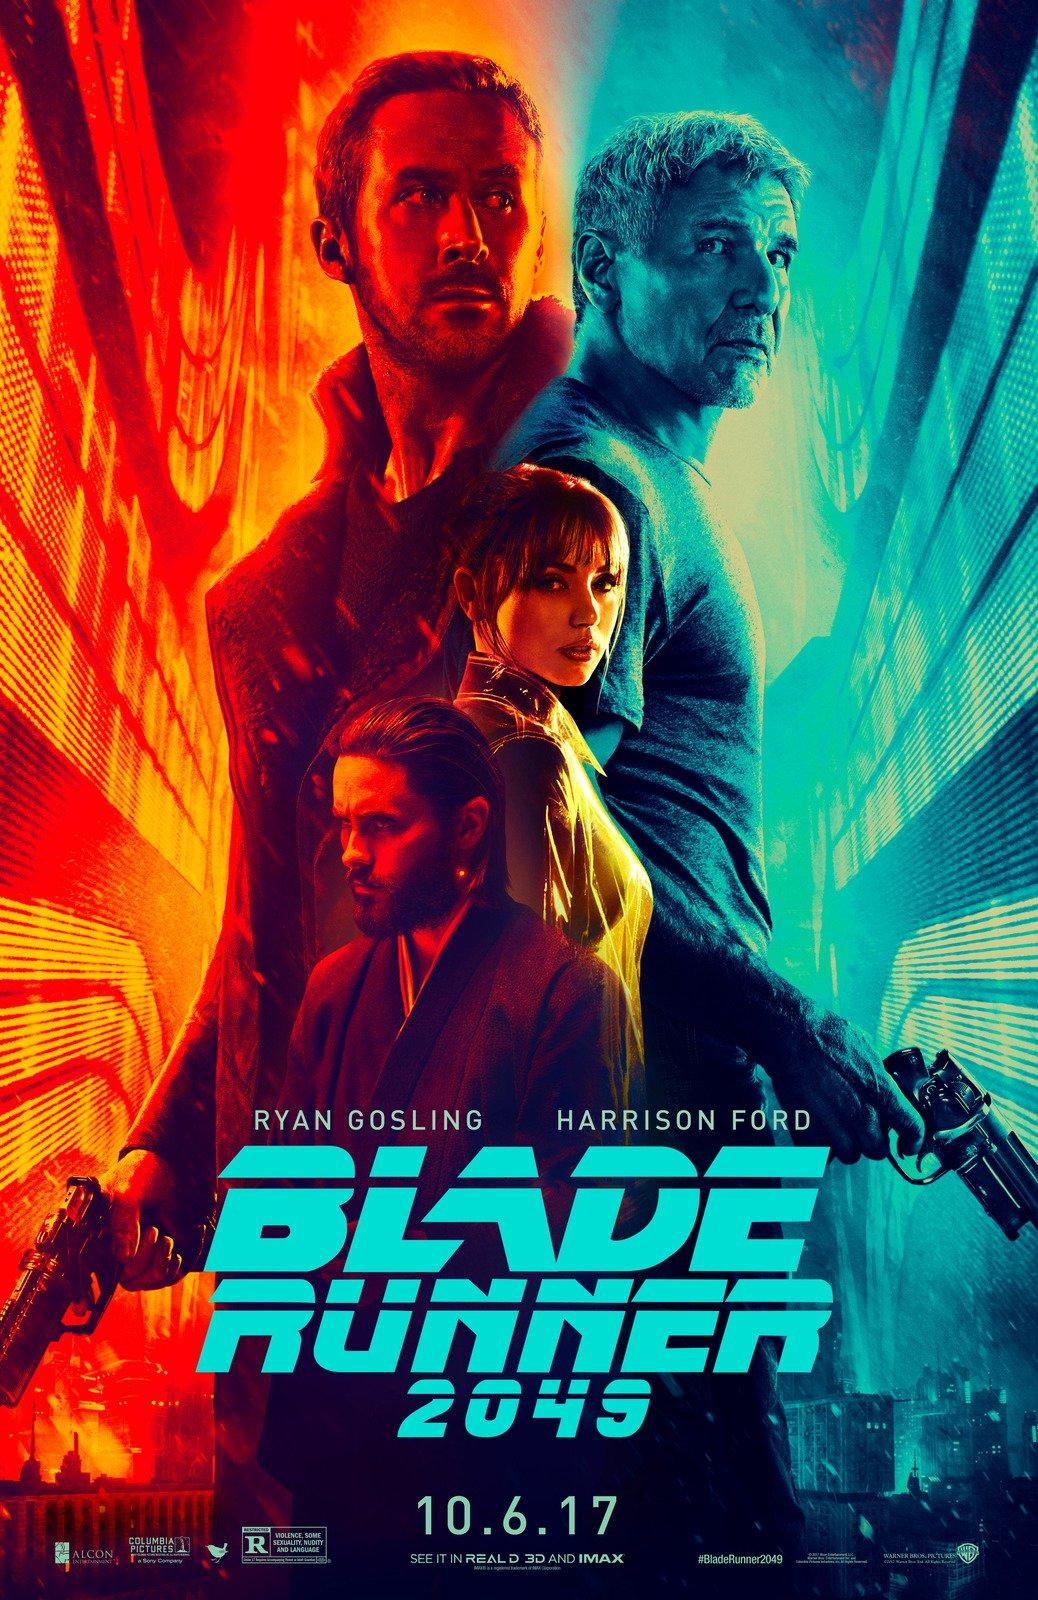 Blade Runner 2049 Soundtrack 2017 Complete List Of Songs Instrumentalfx